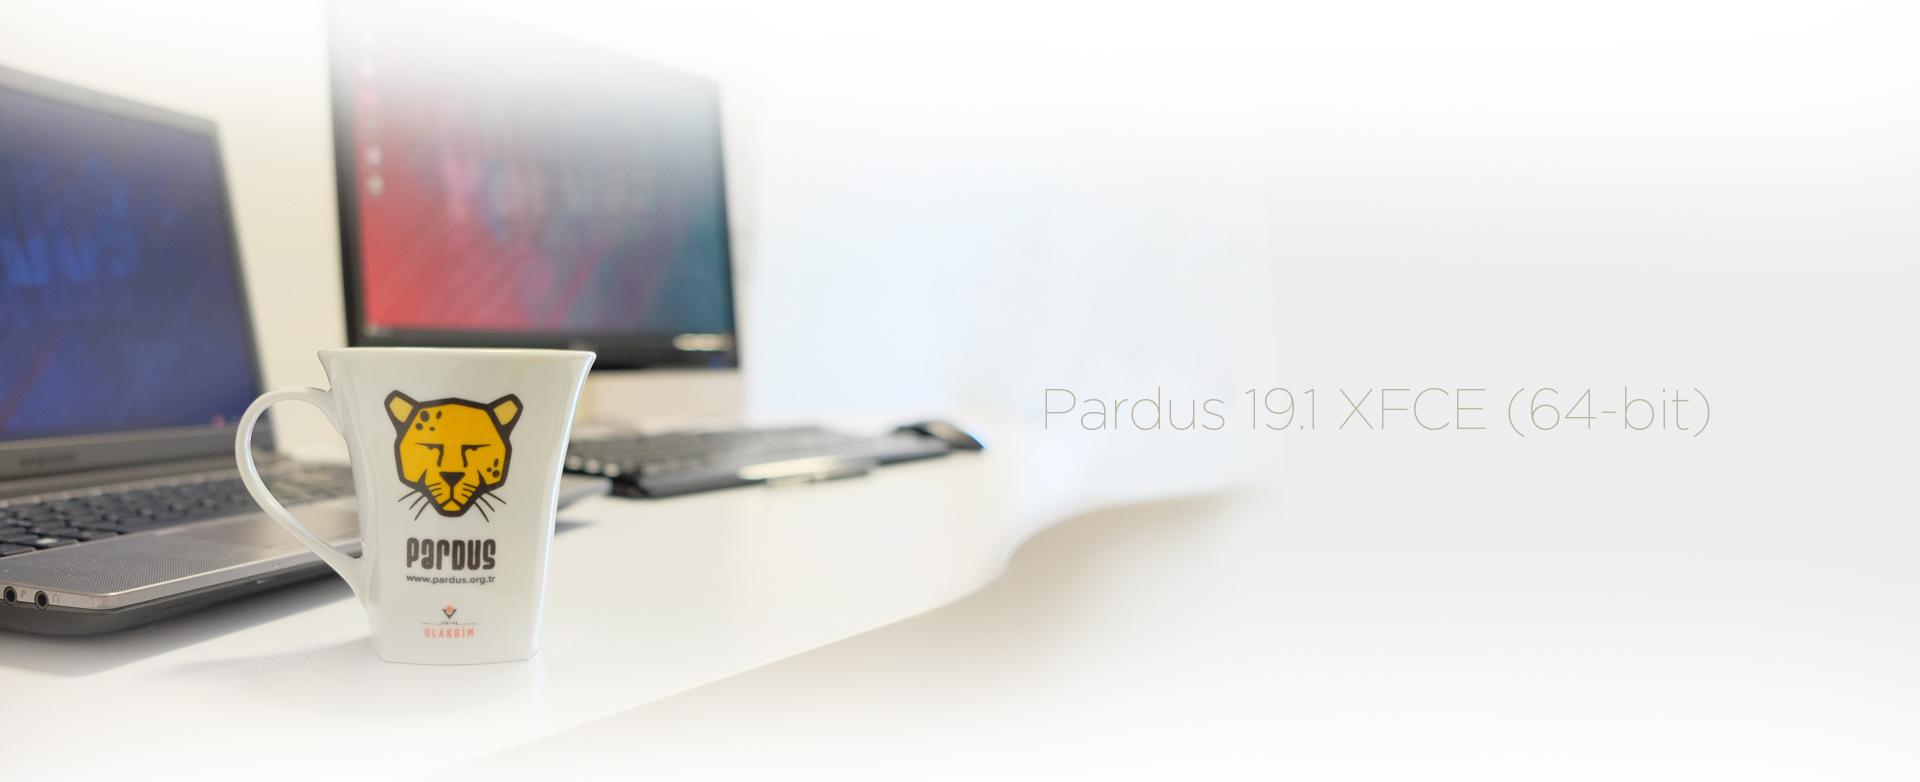 Pardus-19-1-Xfce